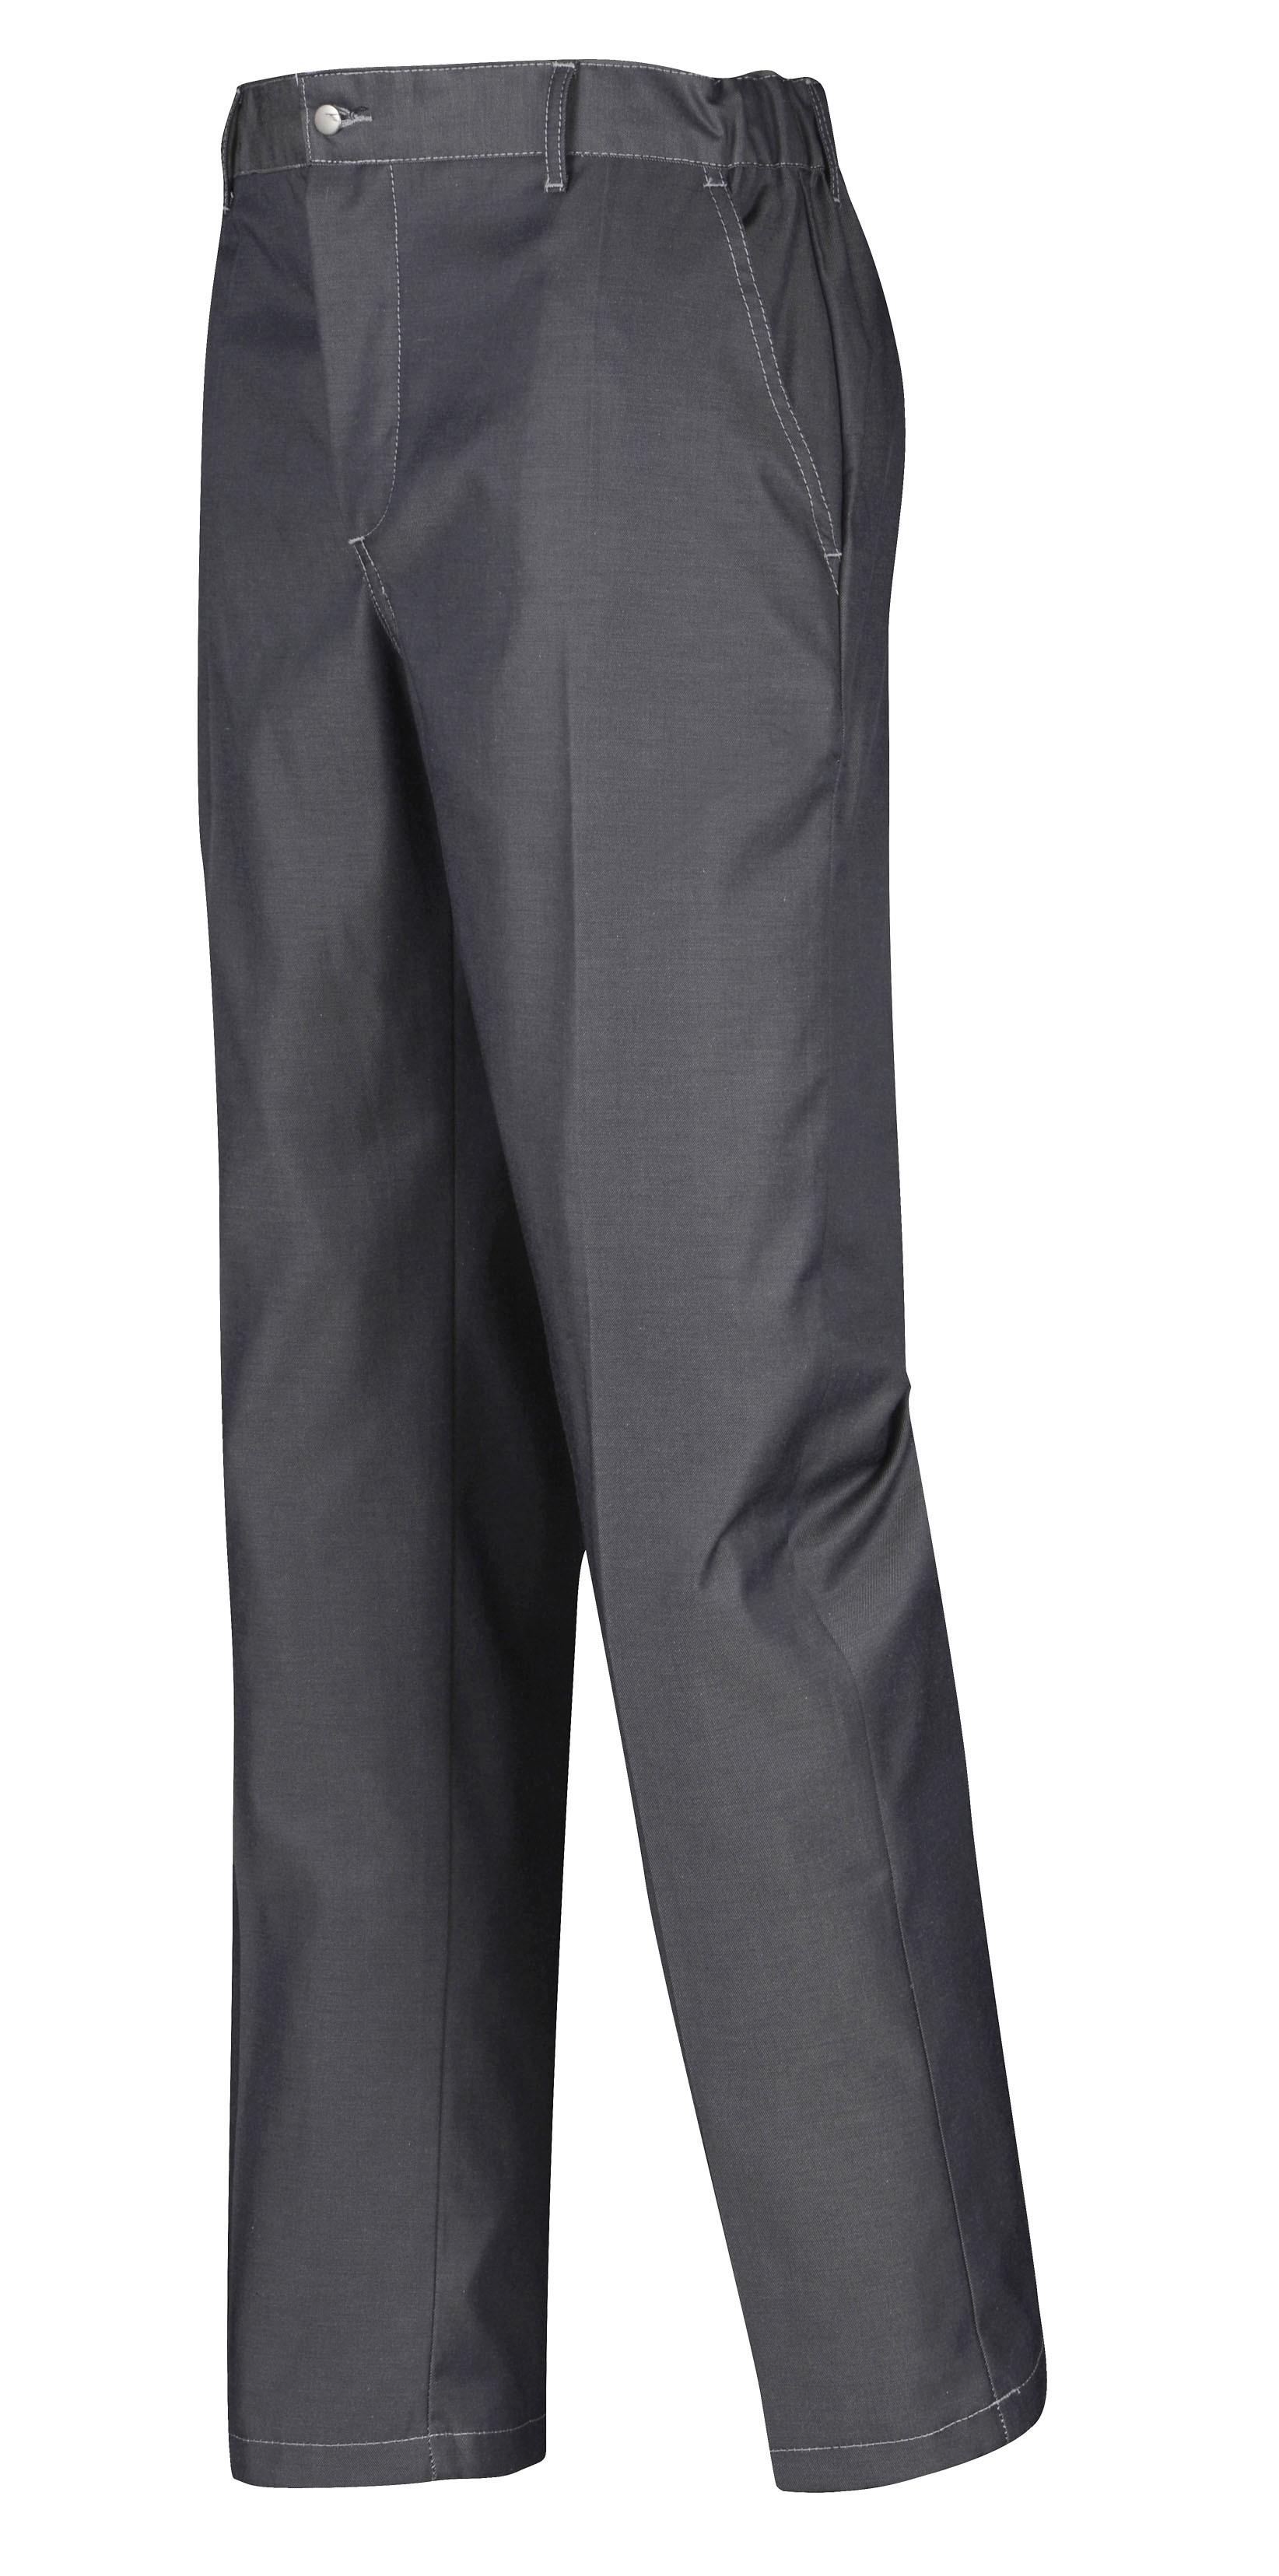 Pantalon de cuisine mixte Timéo Gris Anthracite - Robur on